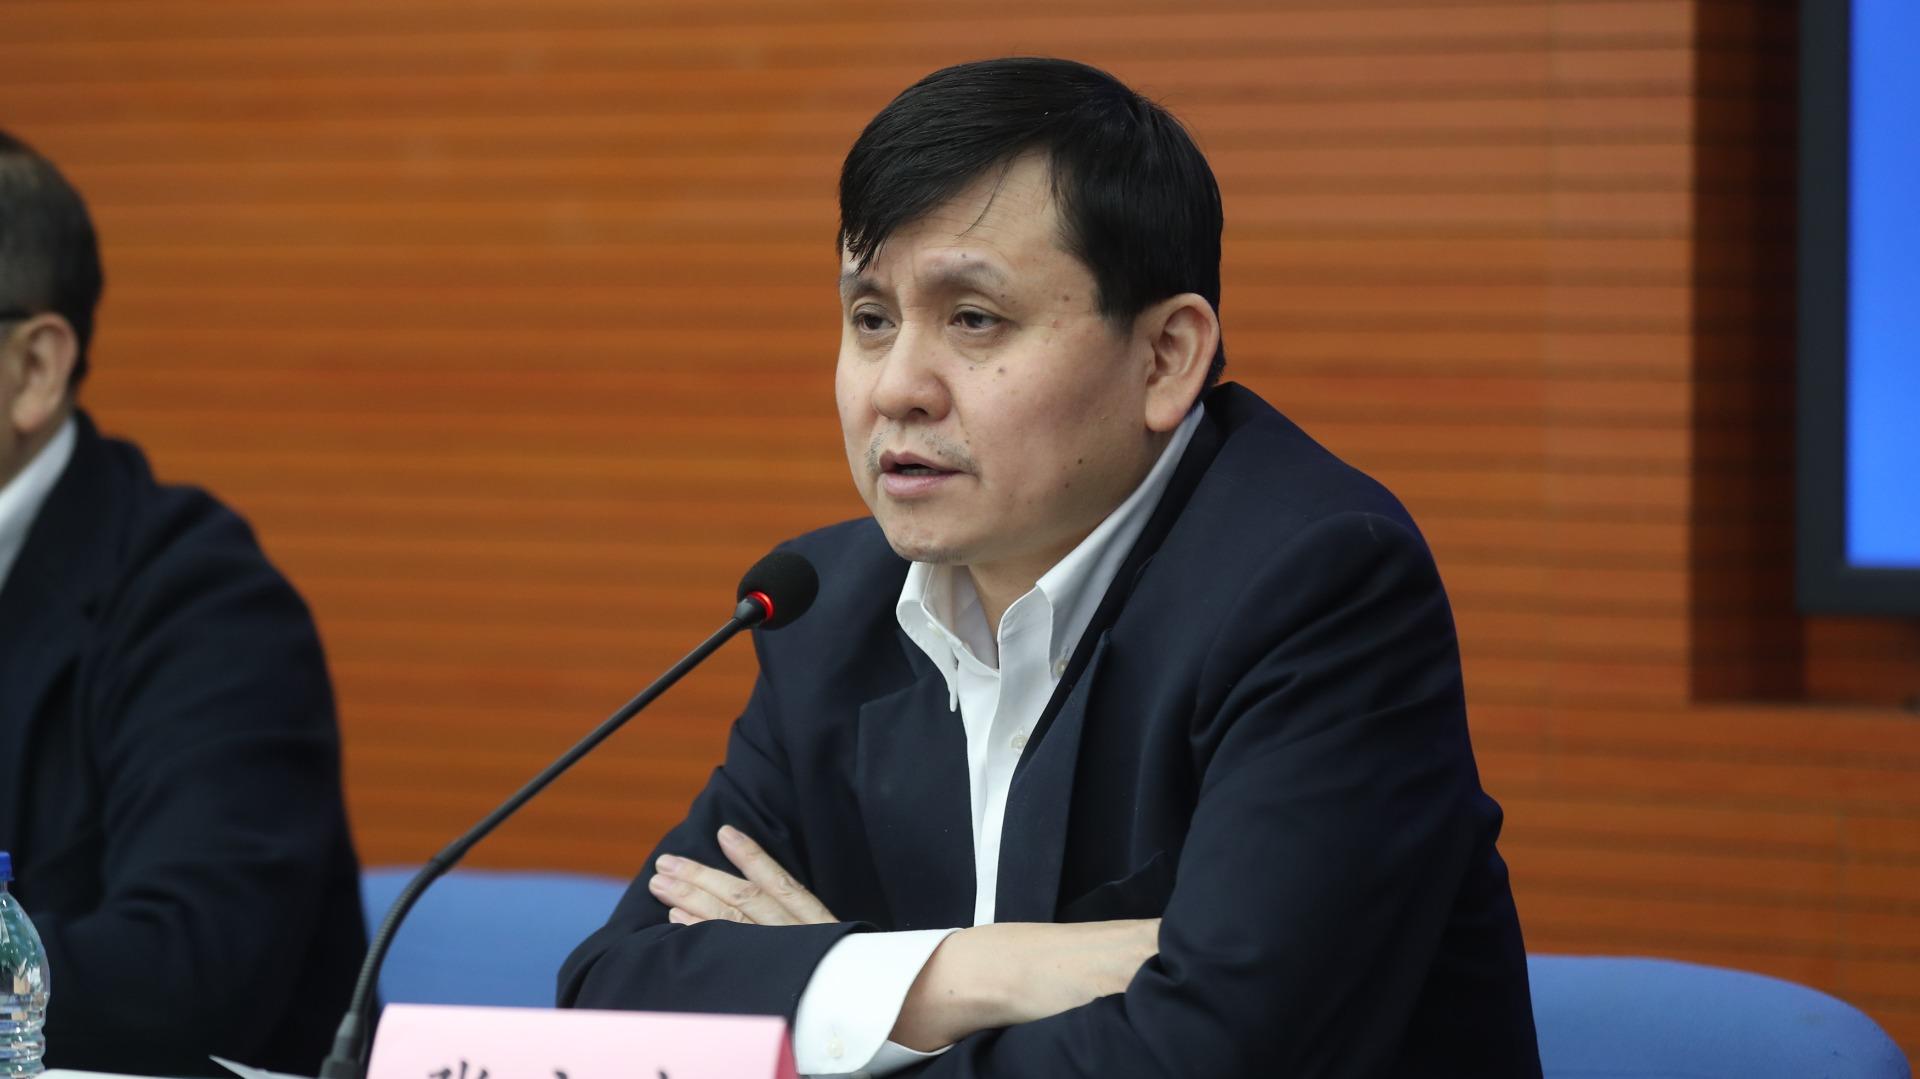 張文宏談香港疫情:全員檢測越早做越有利